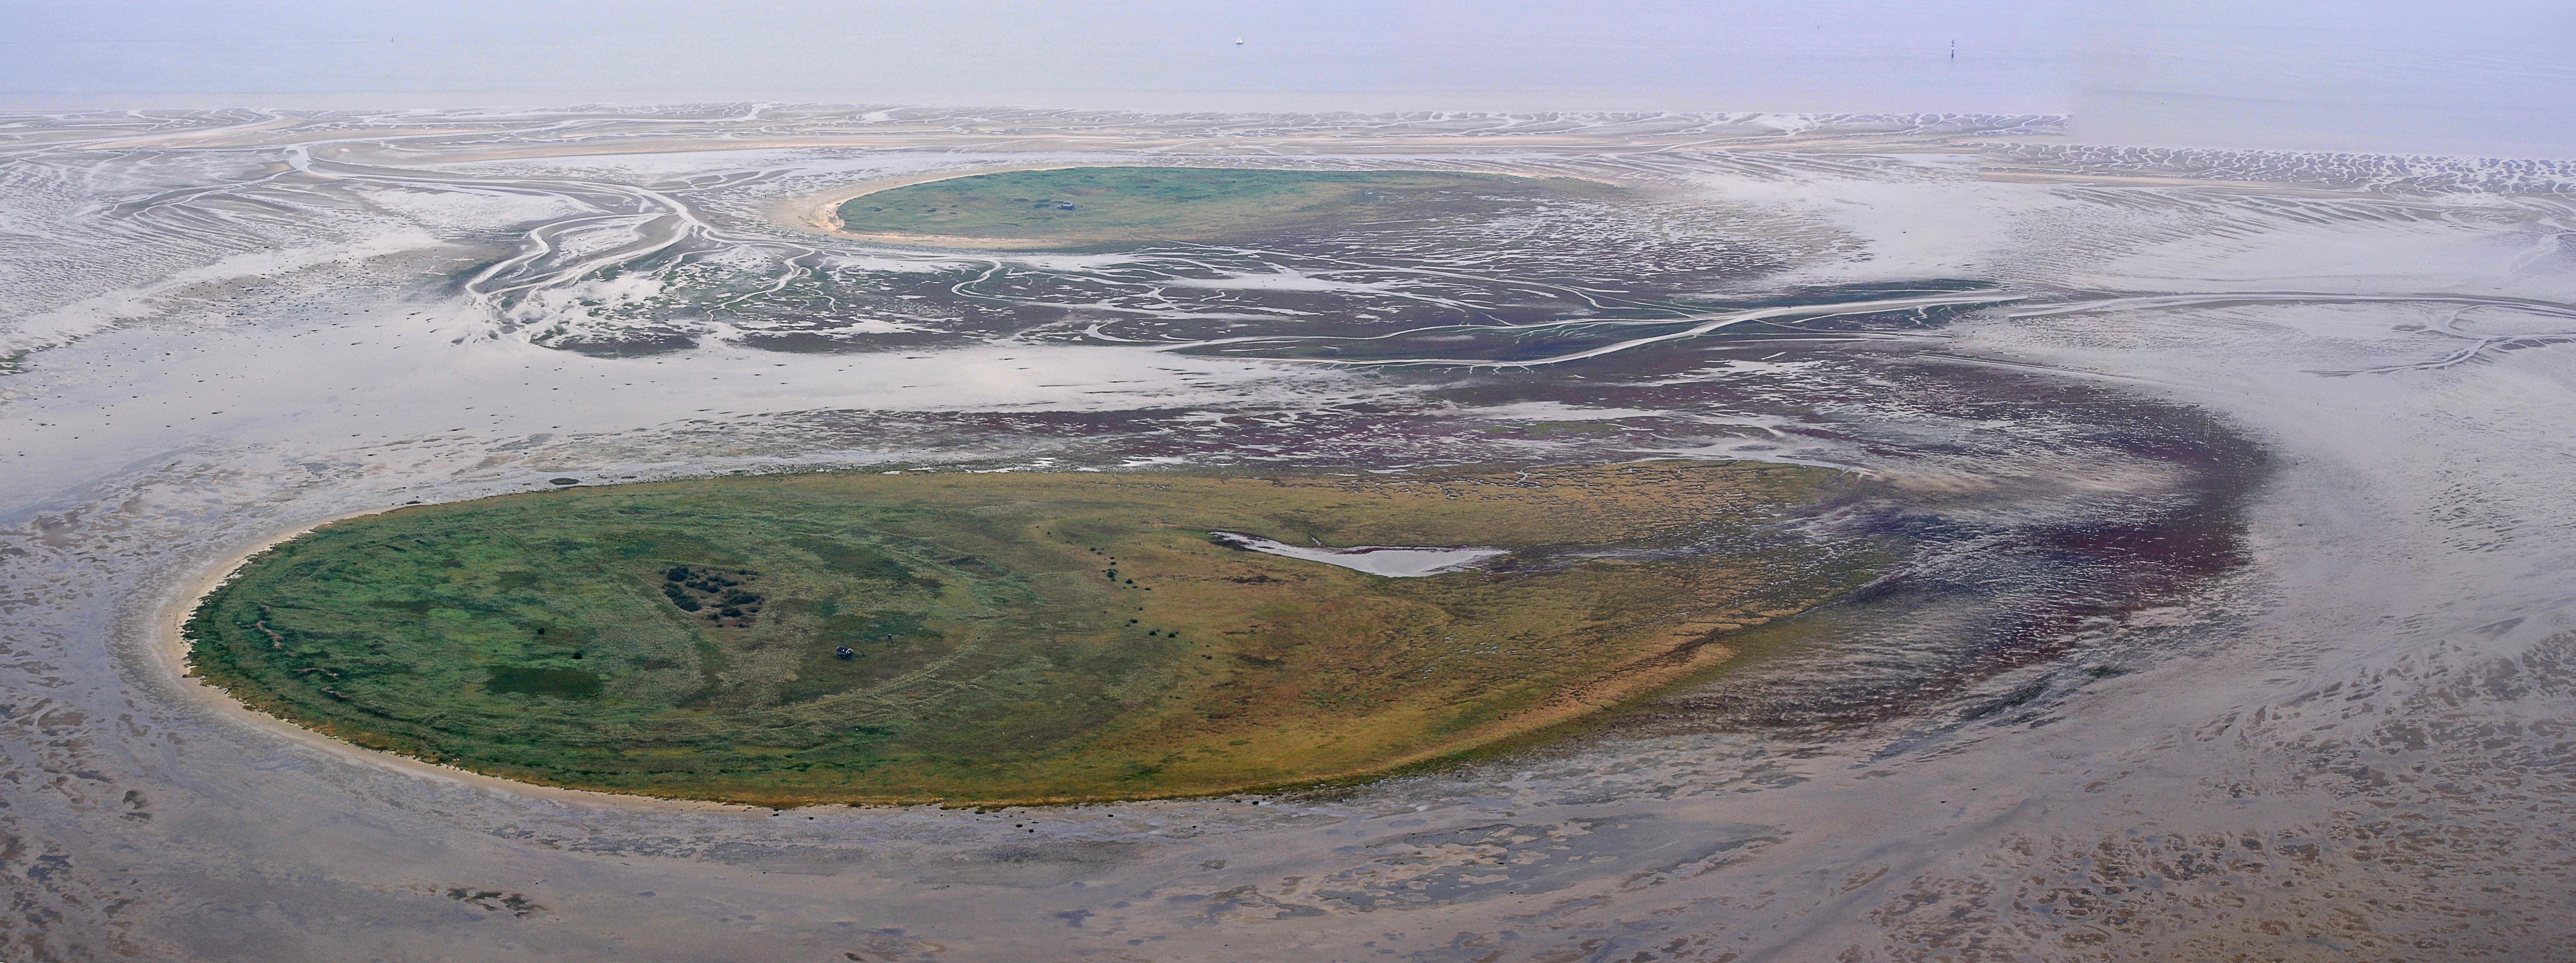 File:11-09-04-fotoflug-nordsee-by-RalfR-005.jpg - Wikimedia Commons